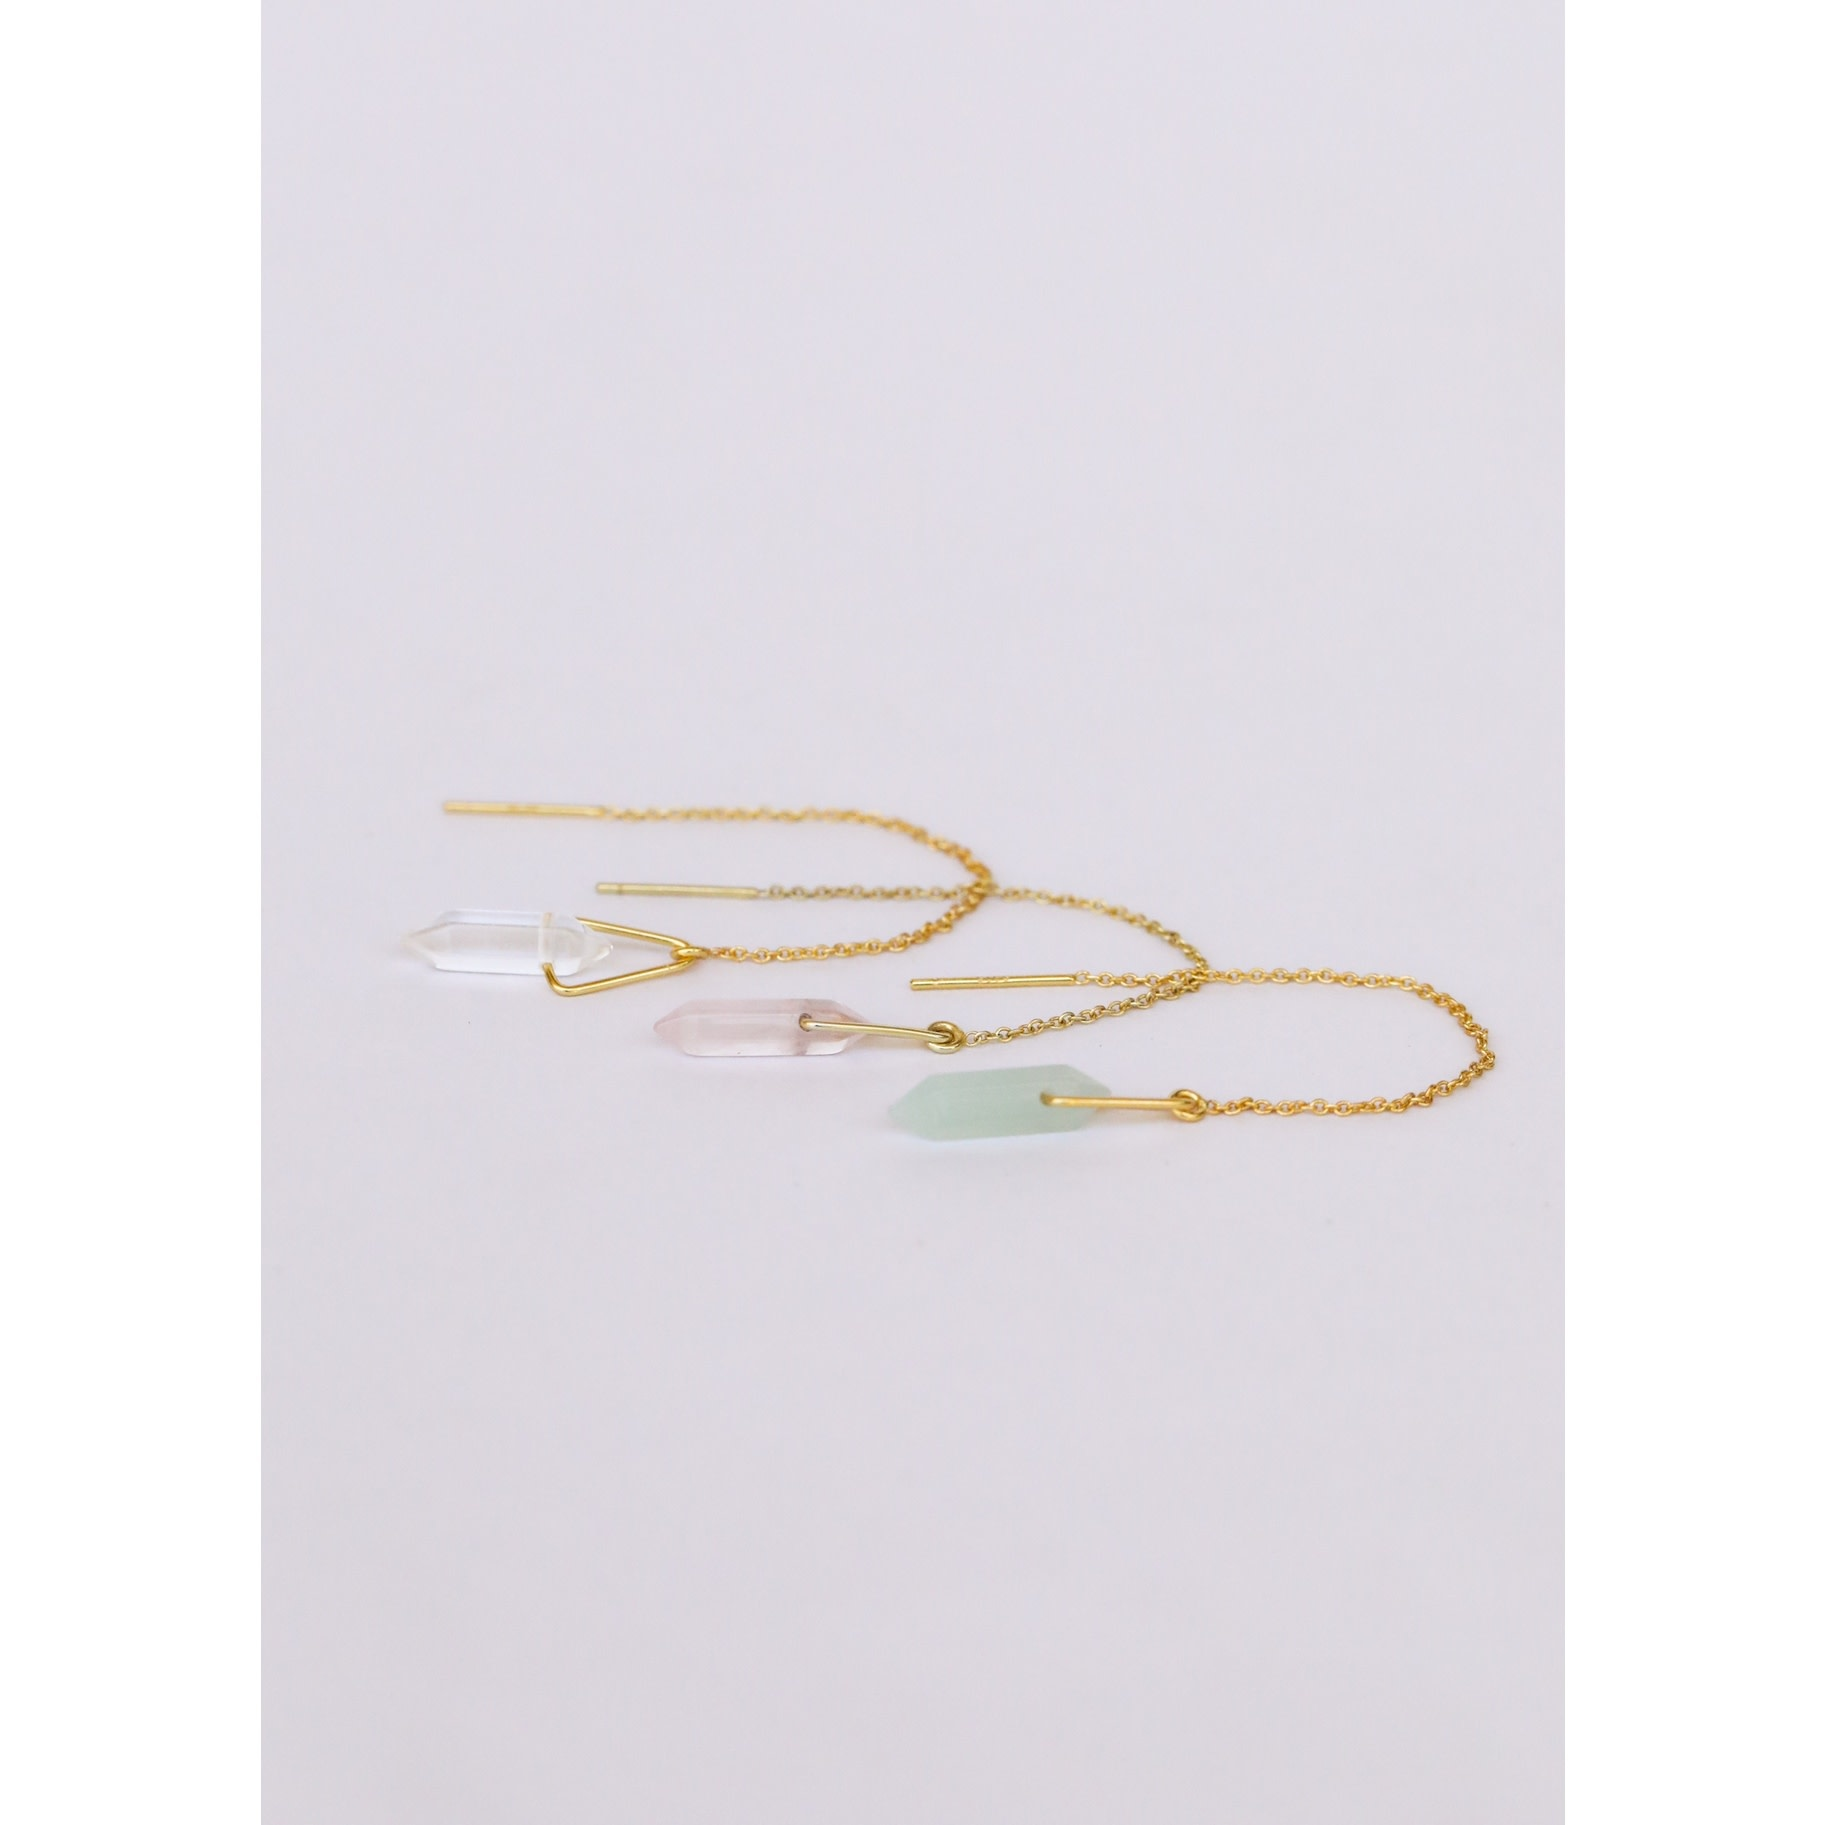 Gemstone Threader